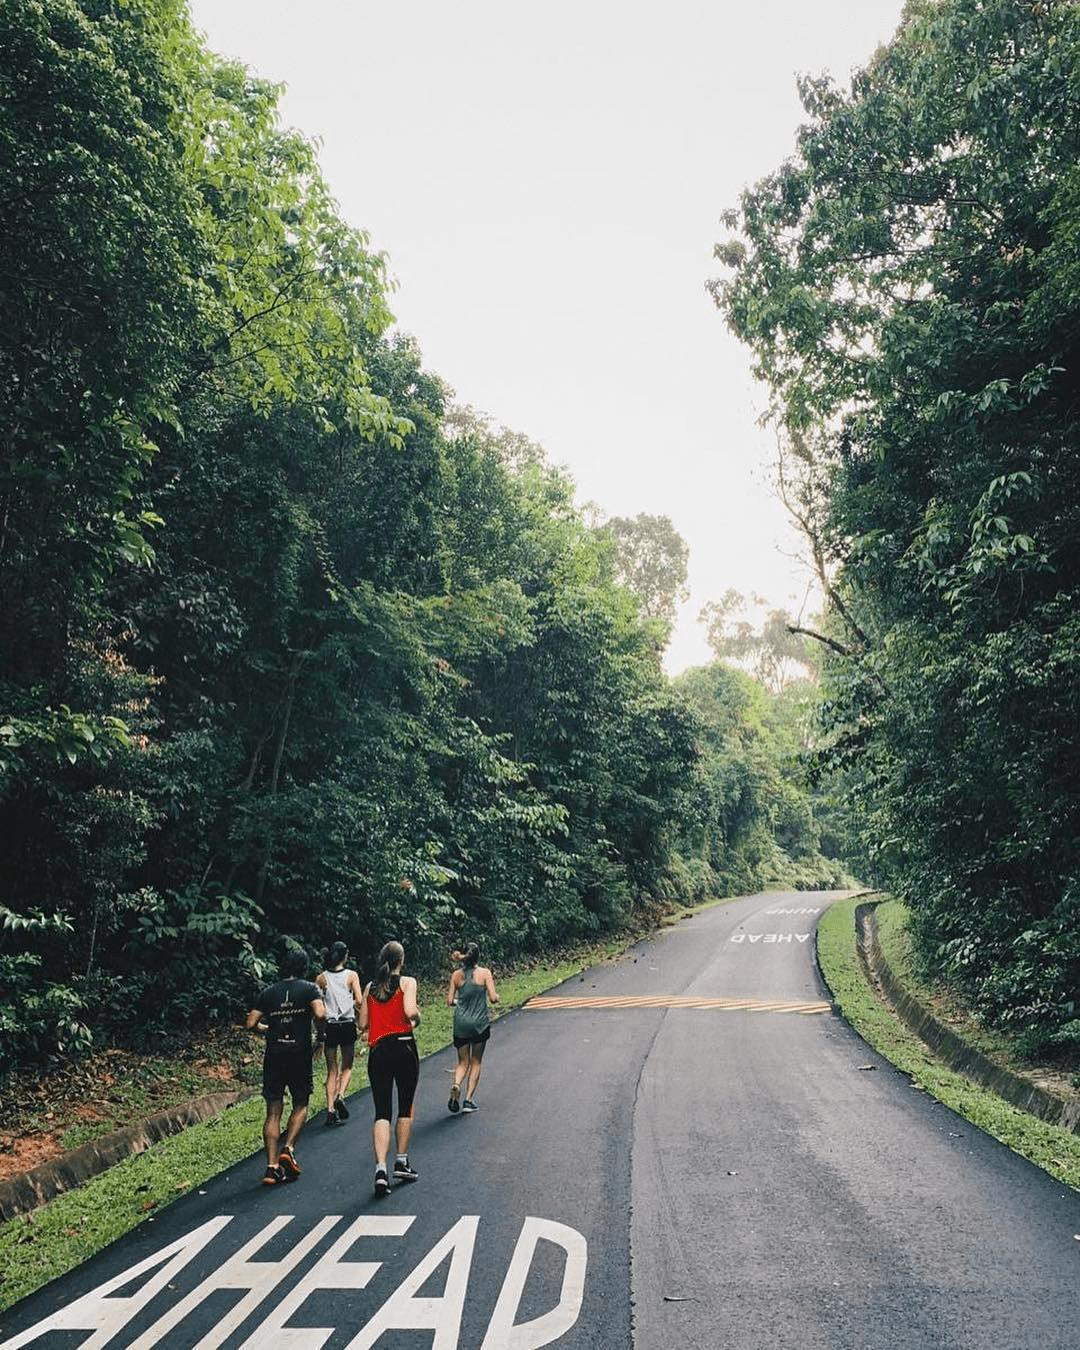 devils bend road - joggers